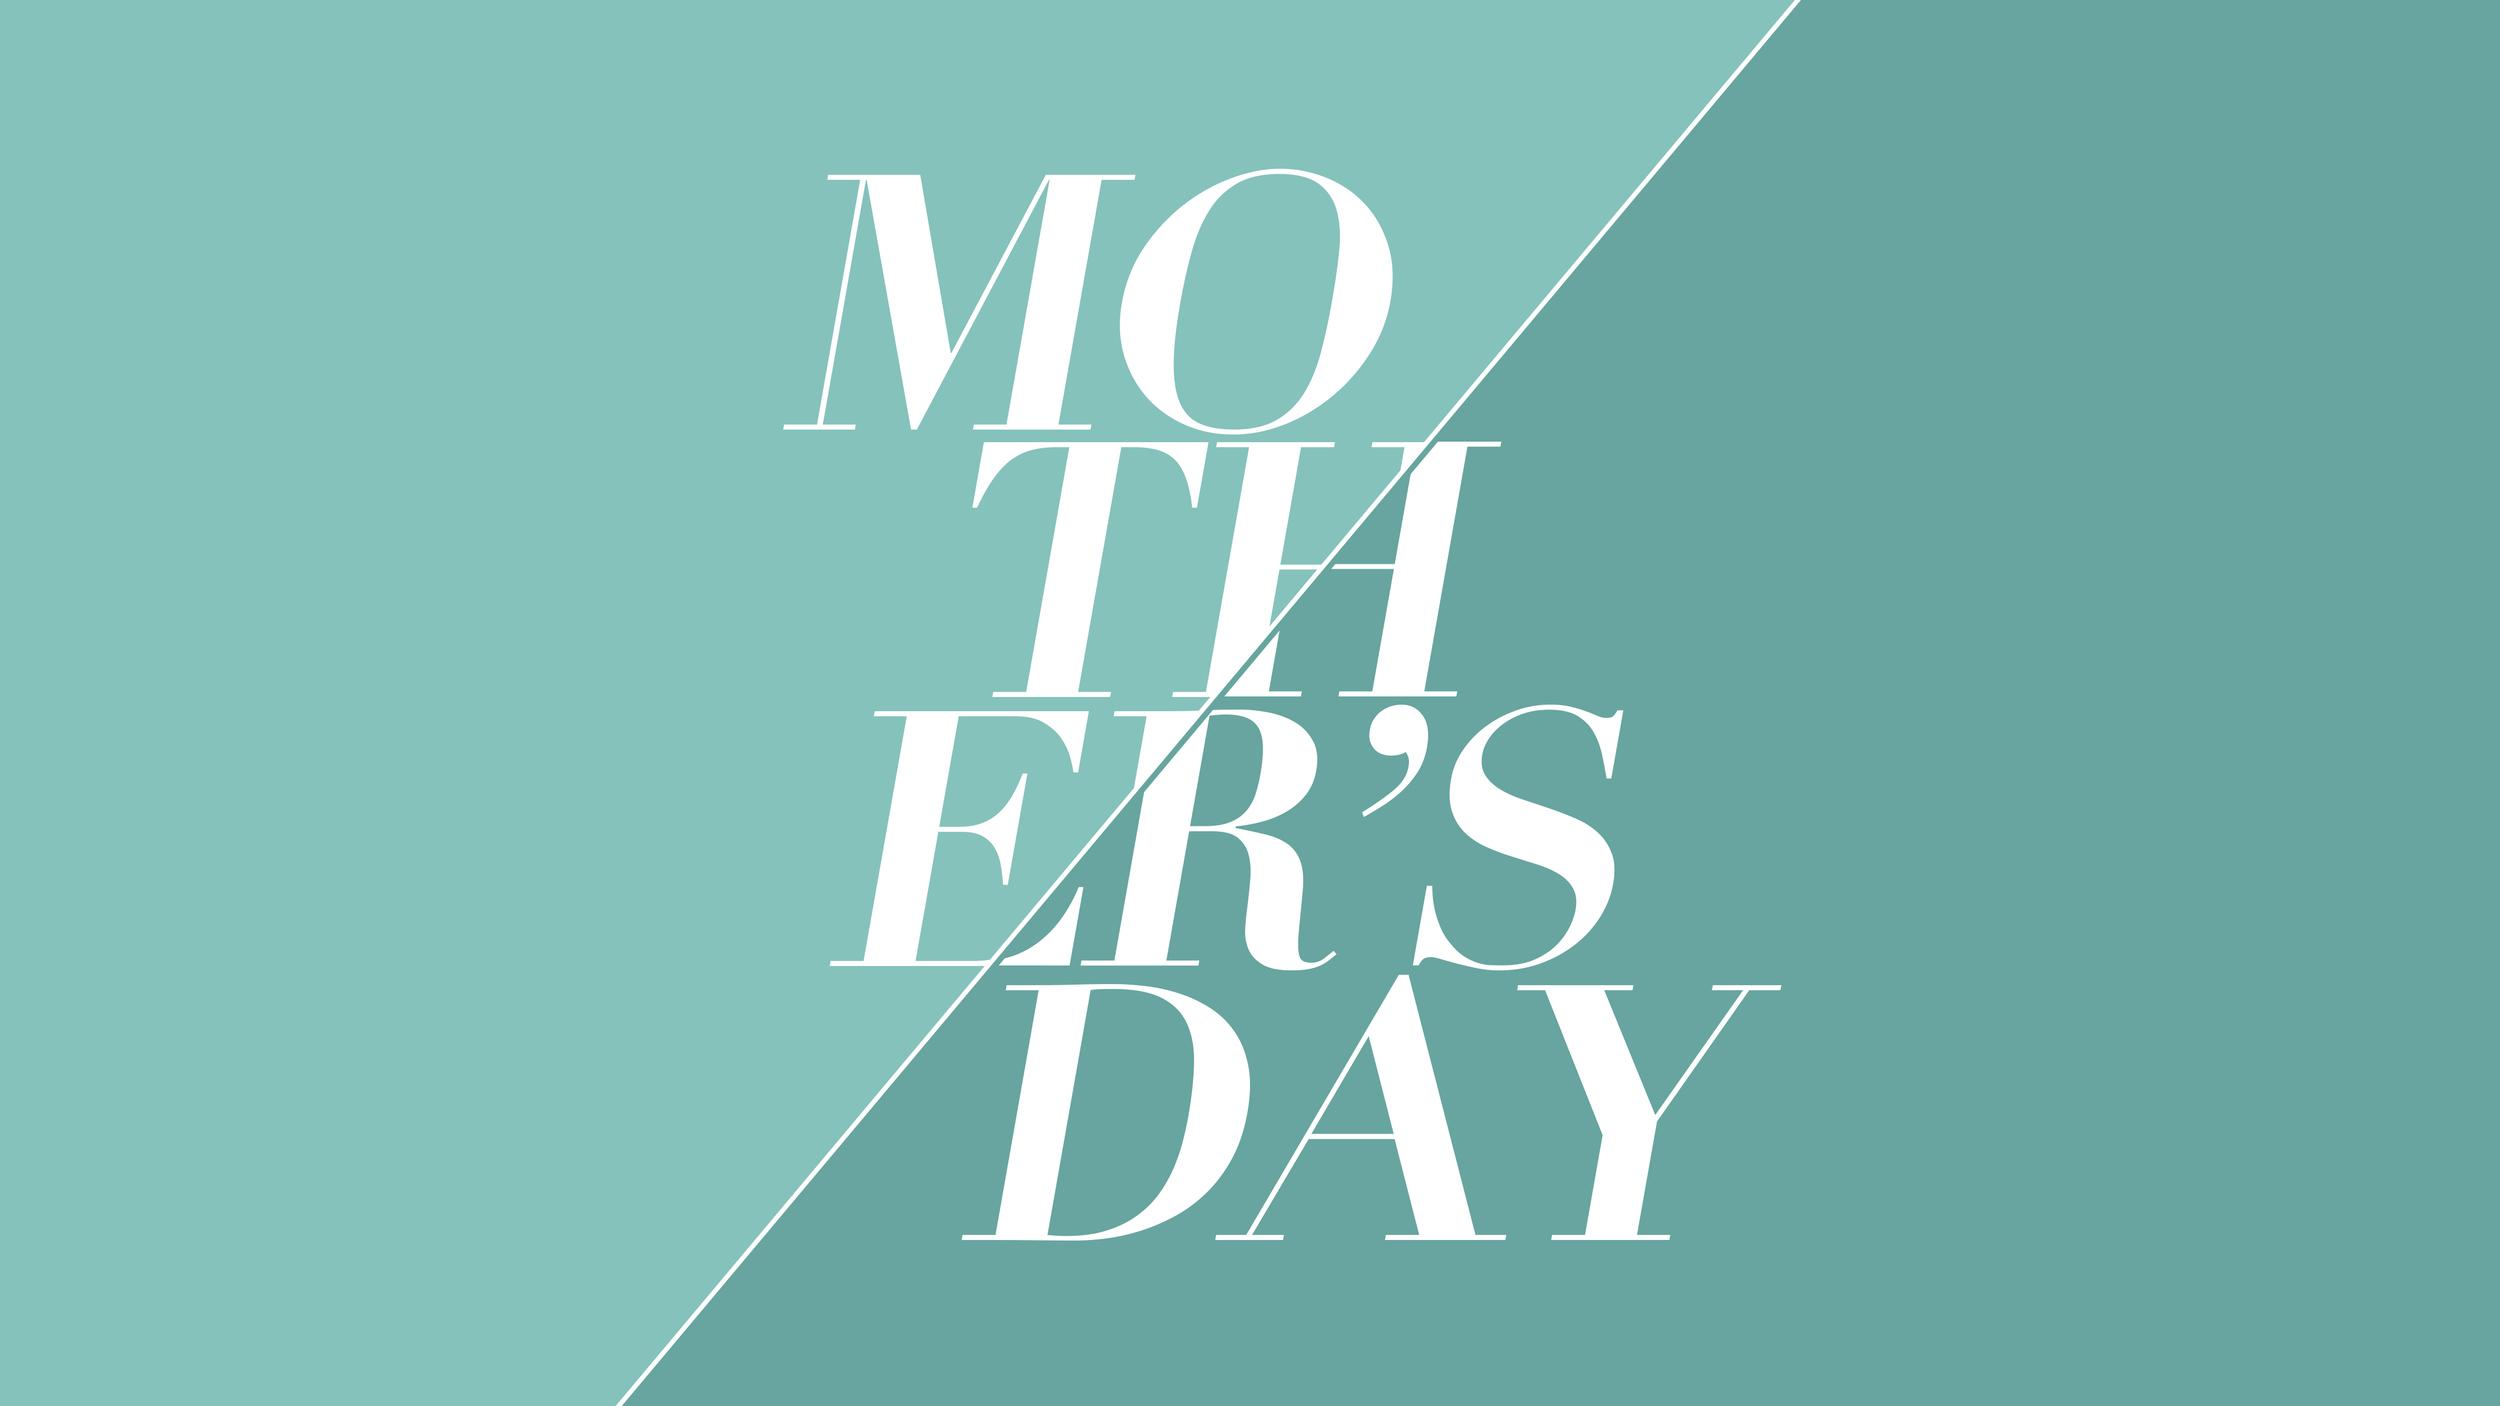 MothersDay03 - Full.jpg